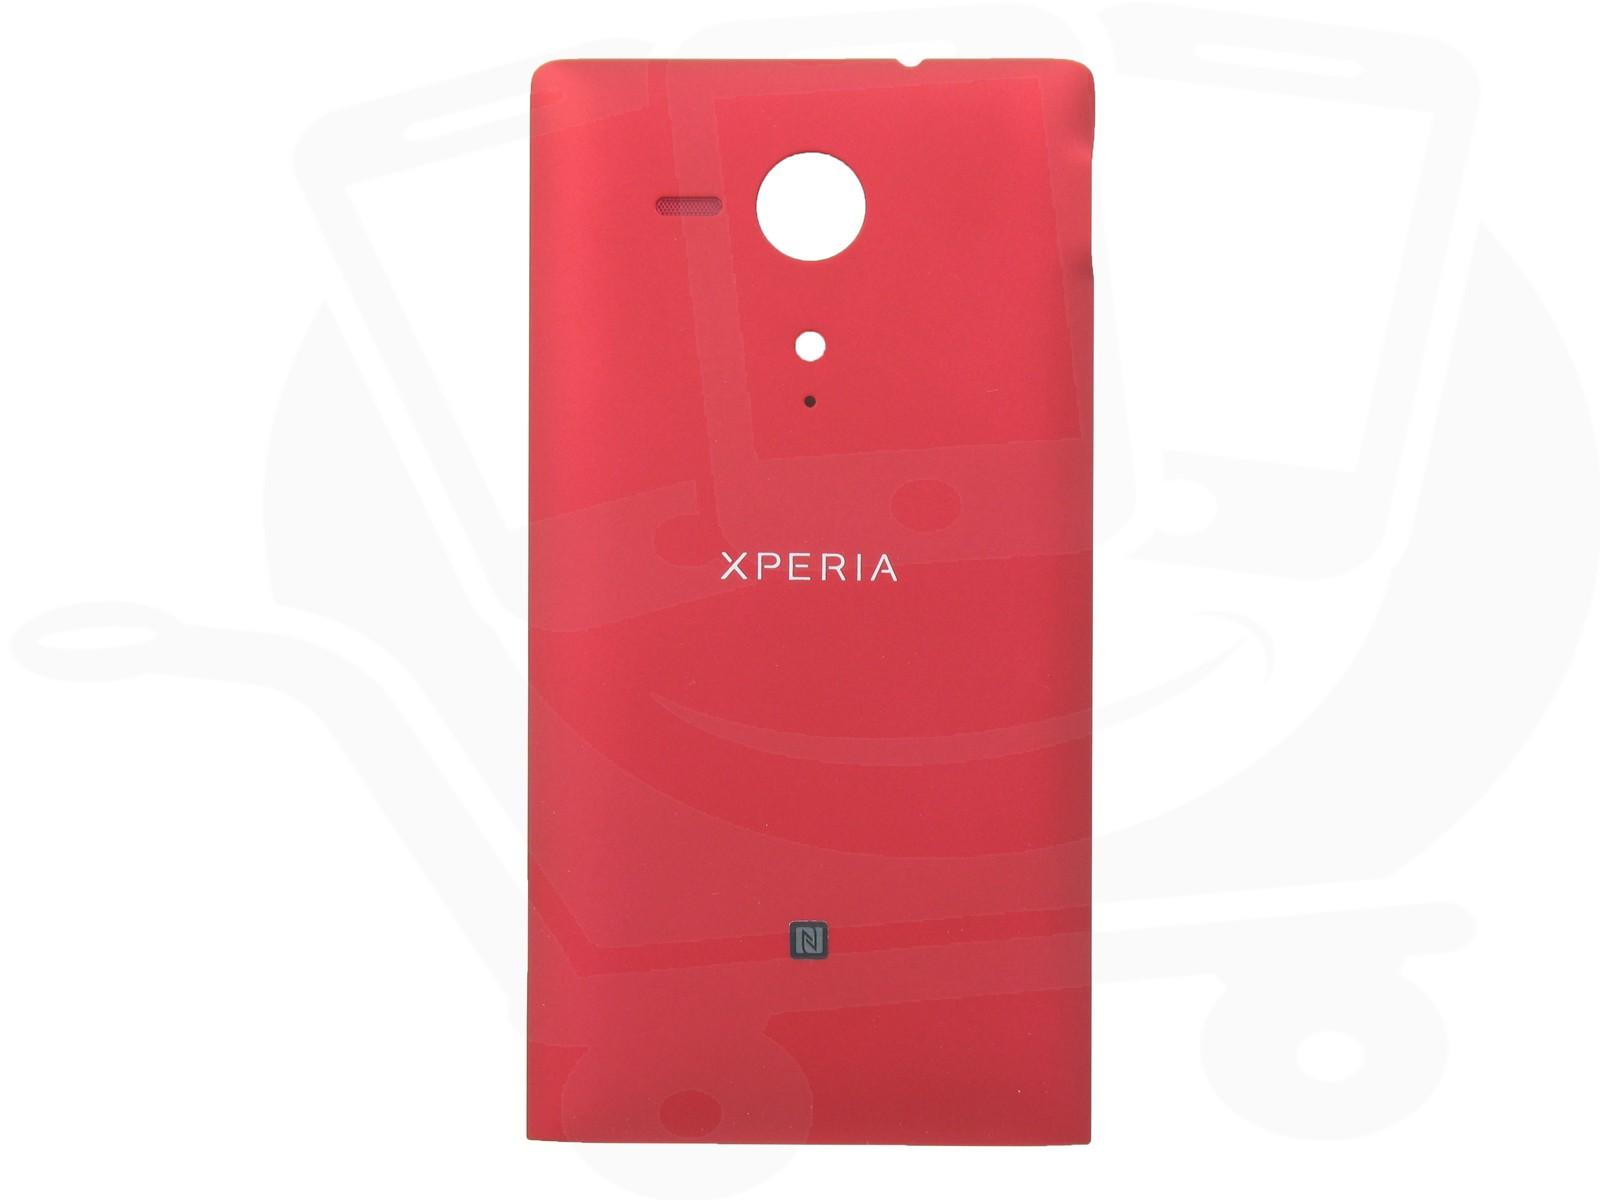 Xperia sp red